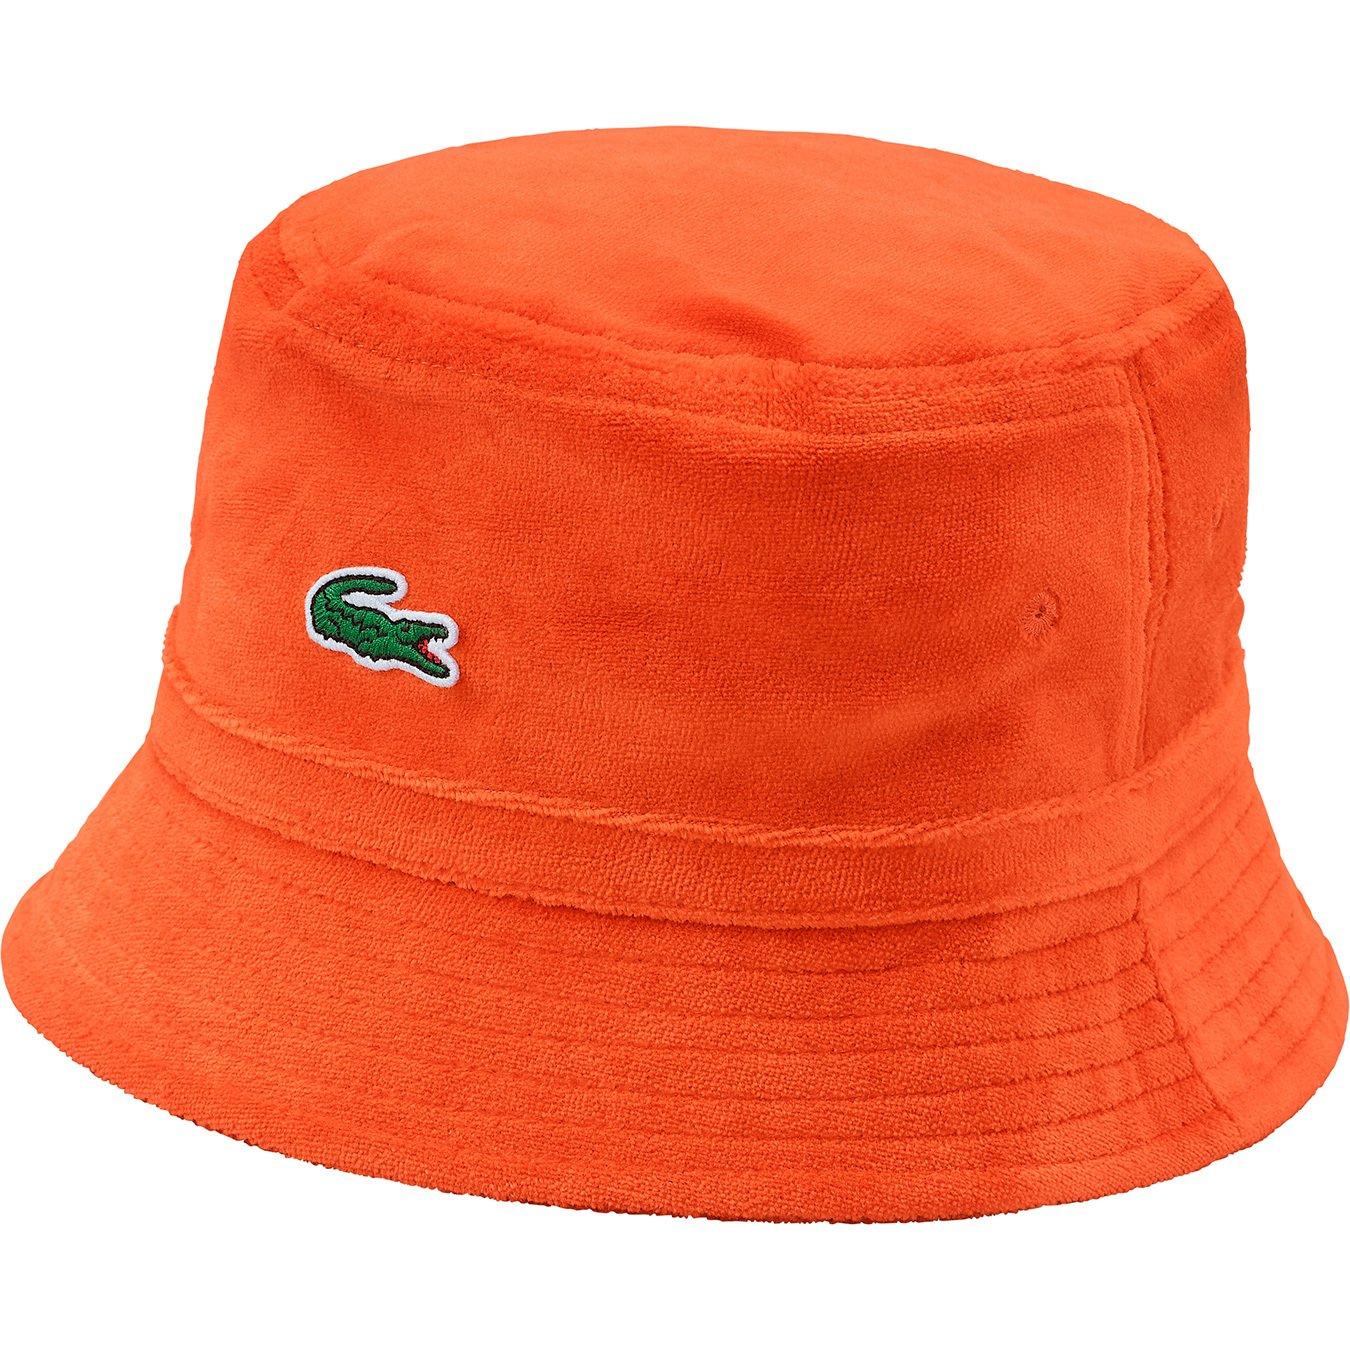 Supreme LACOSTE Velour Crusher Orange